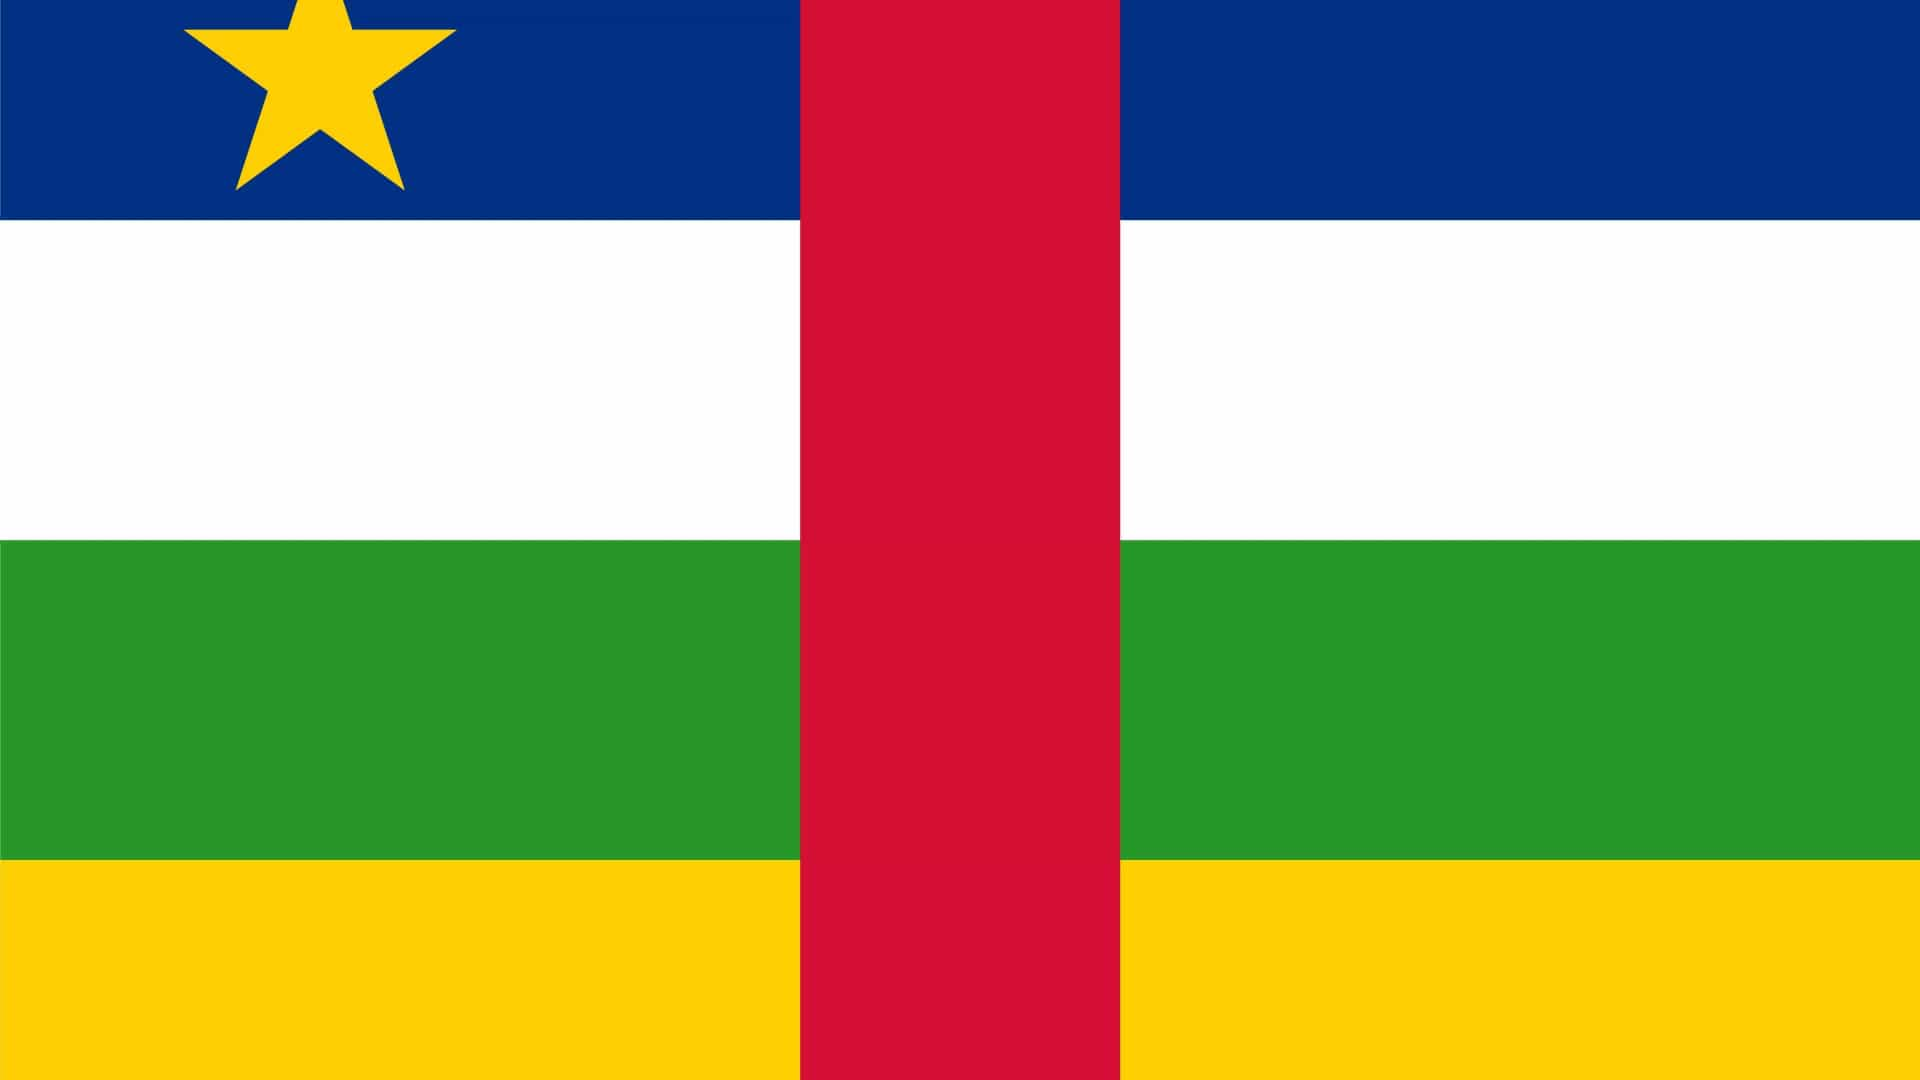 Grupos armados da República Centro-Africana assinam acordo de paz